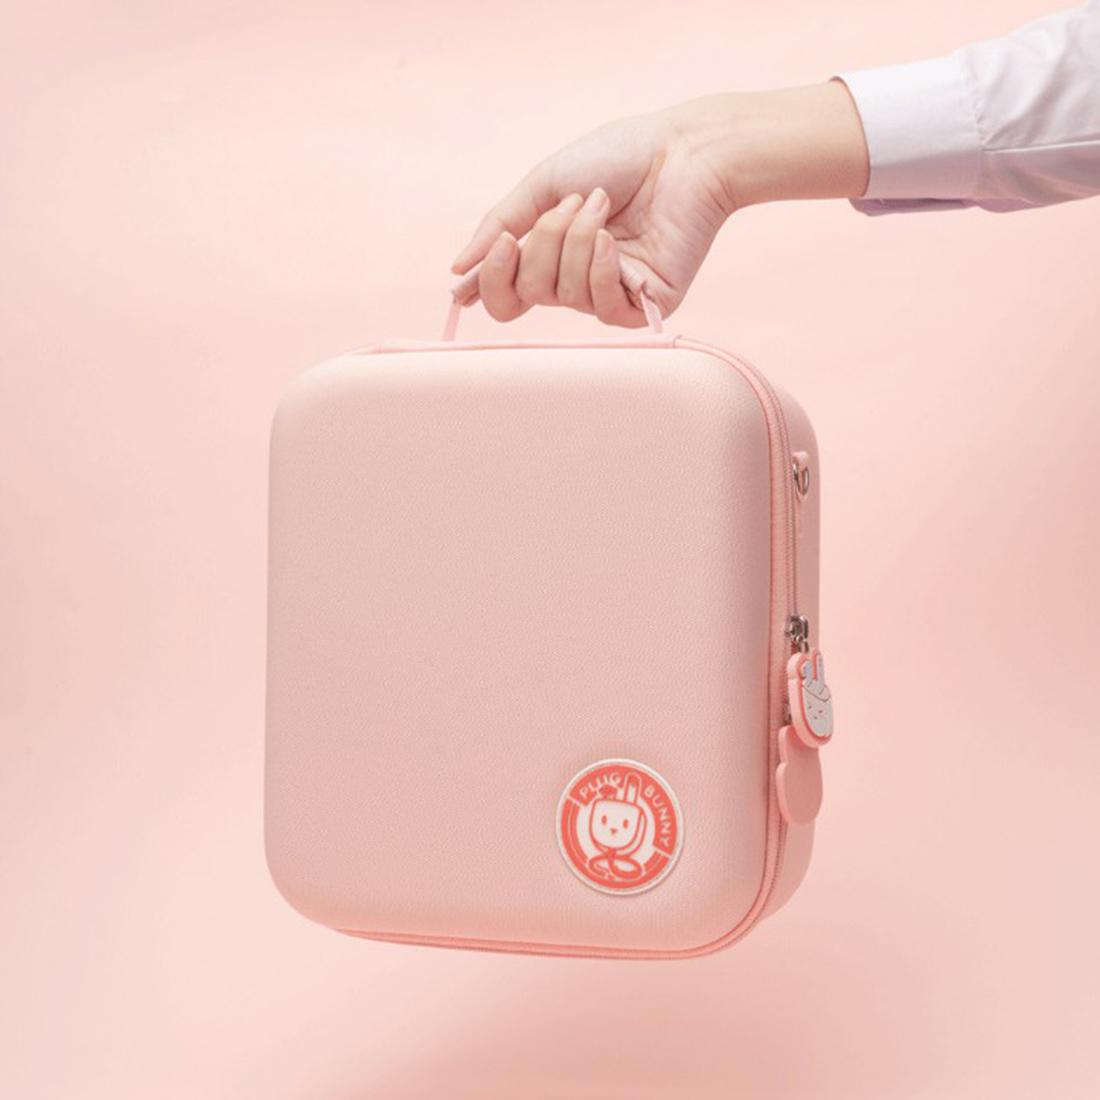 Nintendo Switch Case Large Capacity Storage Bag